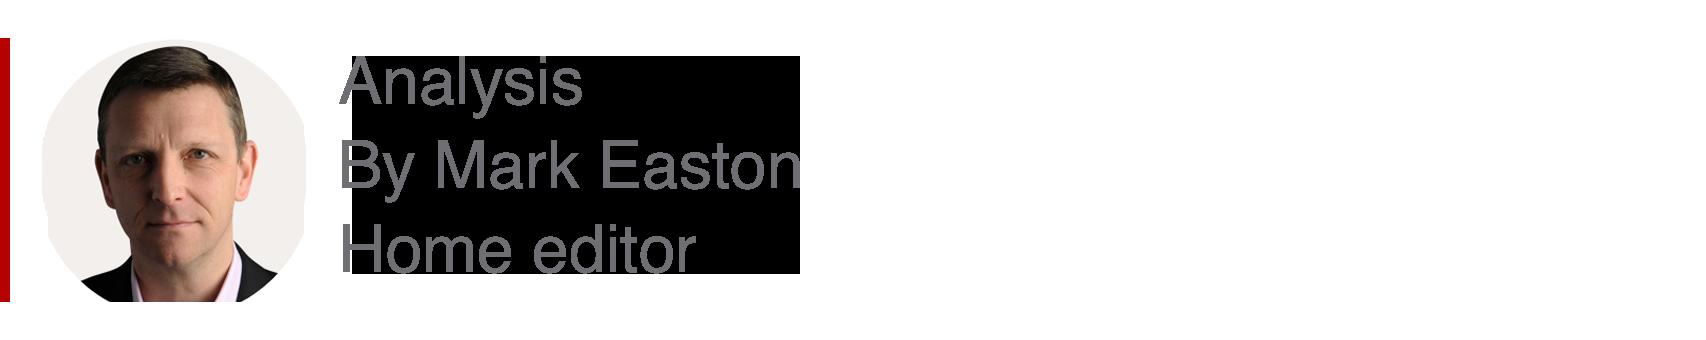 Cuadro de análisis por Mark Easton, editor casero